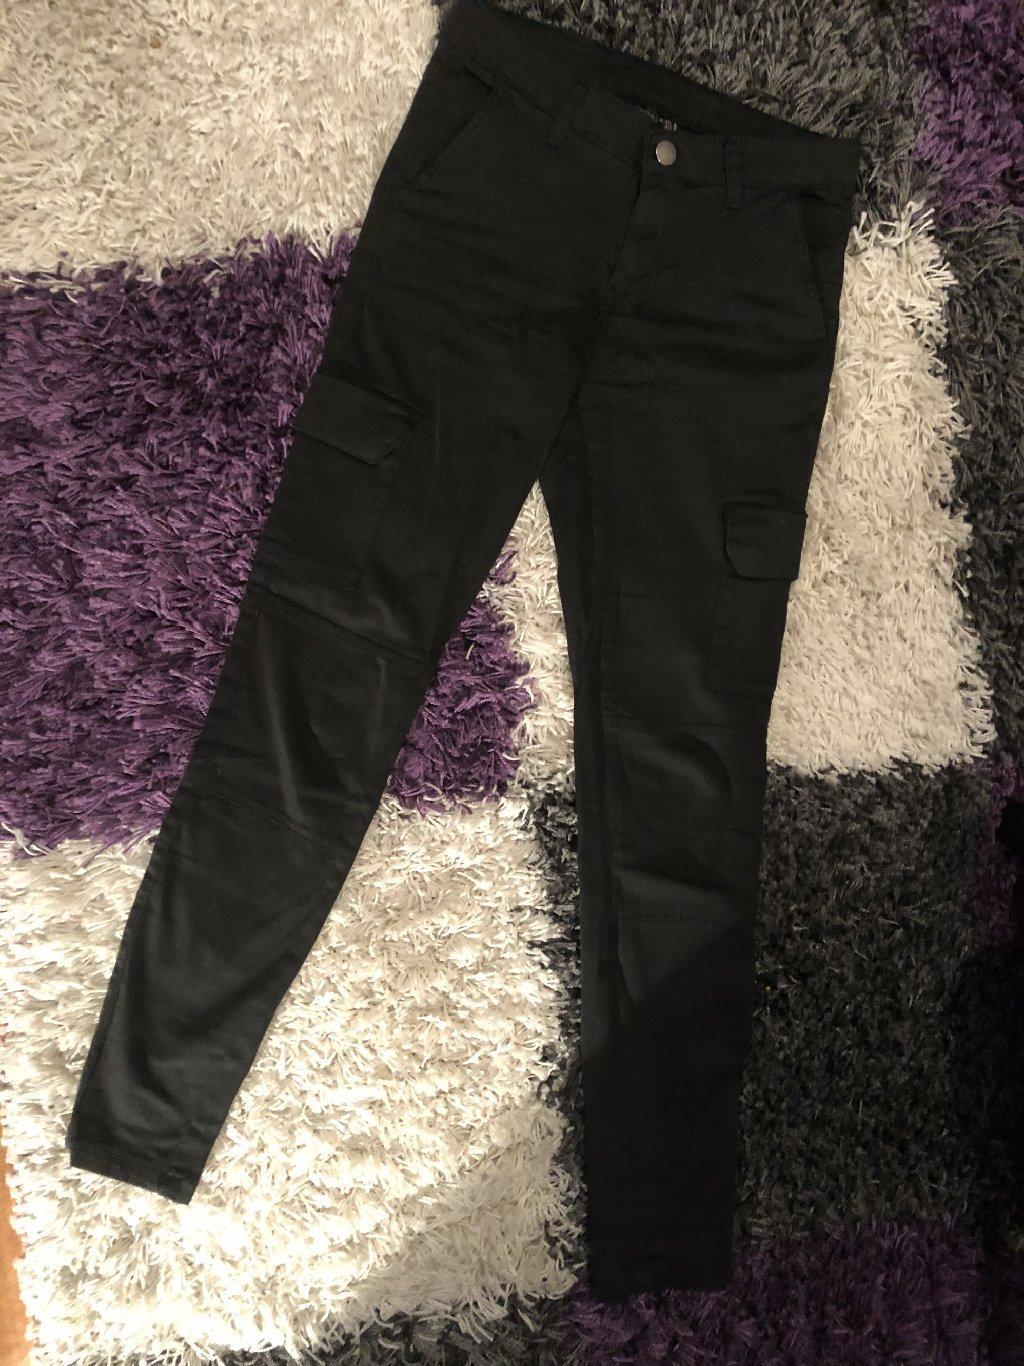 Crne pantalone sa dzepovima, NOVO! Velicina 36